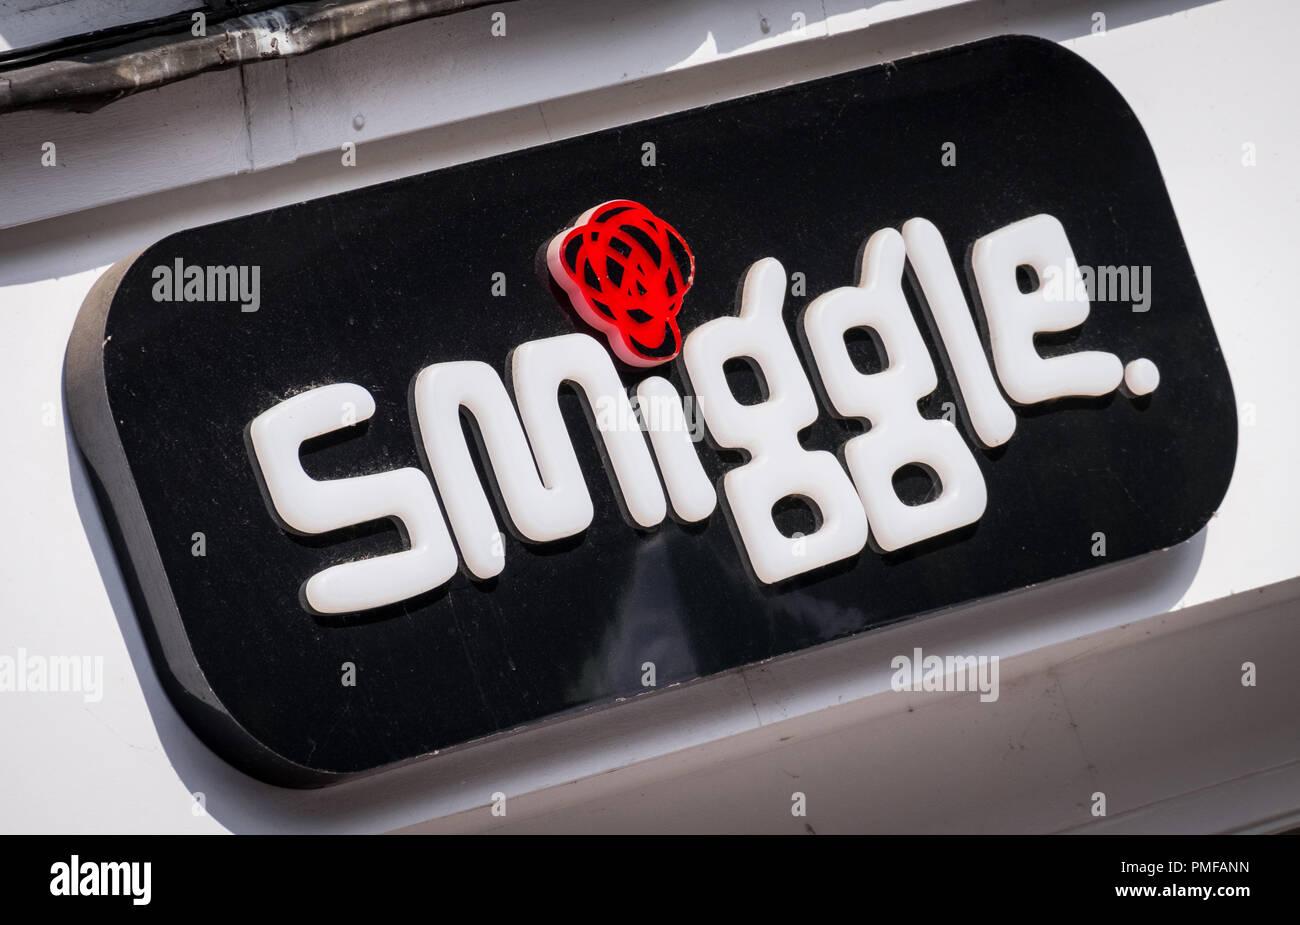 Tienda Smiggle firmar Imagen De Stock